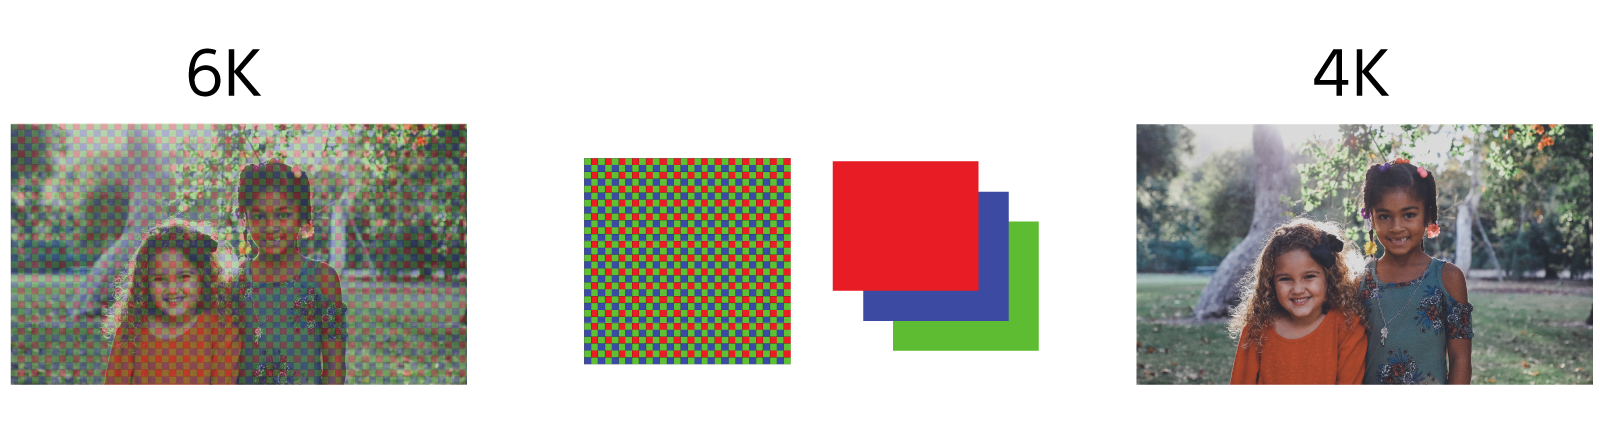 Diagramas que ilustran el procesamiento de imágenes de 6K a 4K con píxeles de patrón bayer.